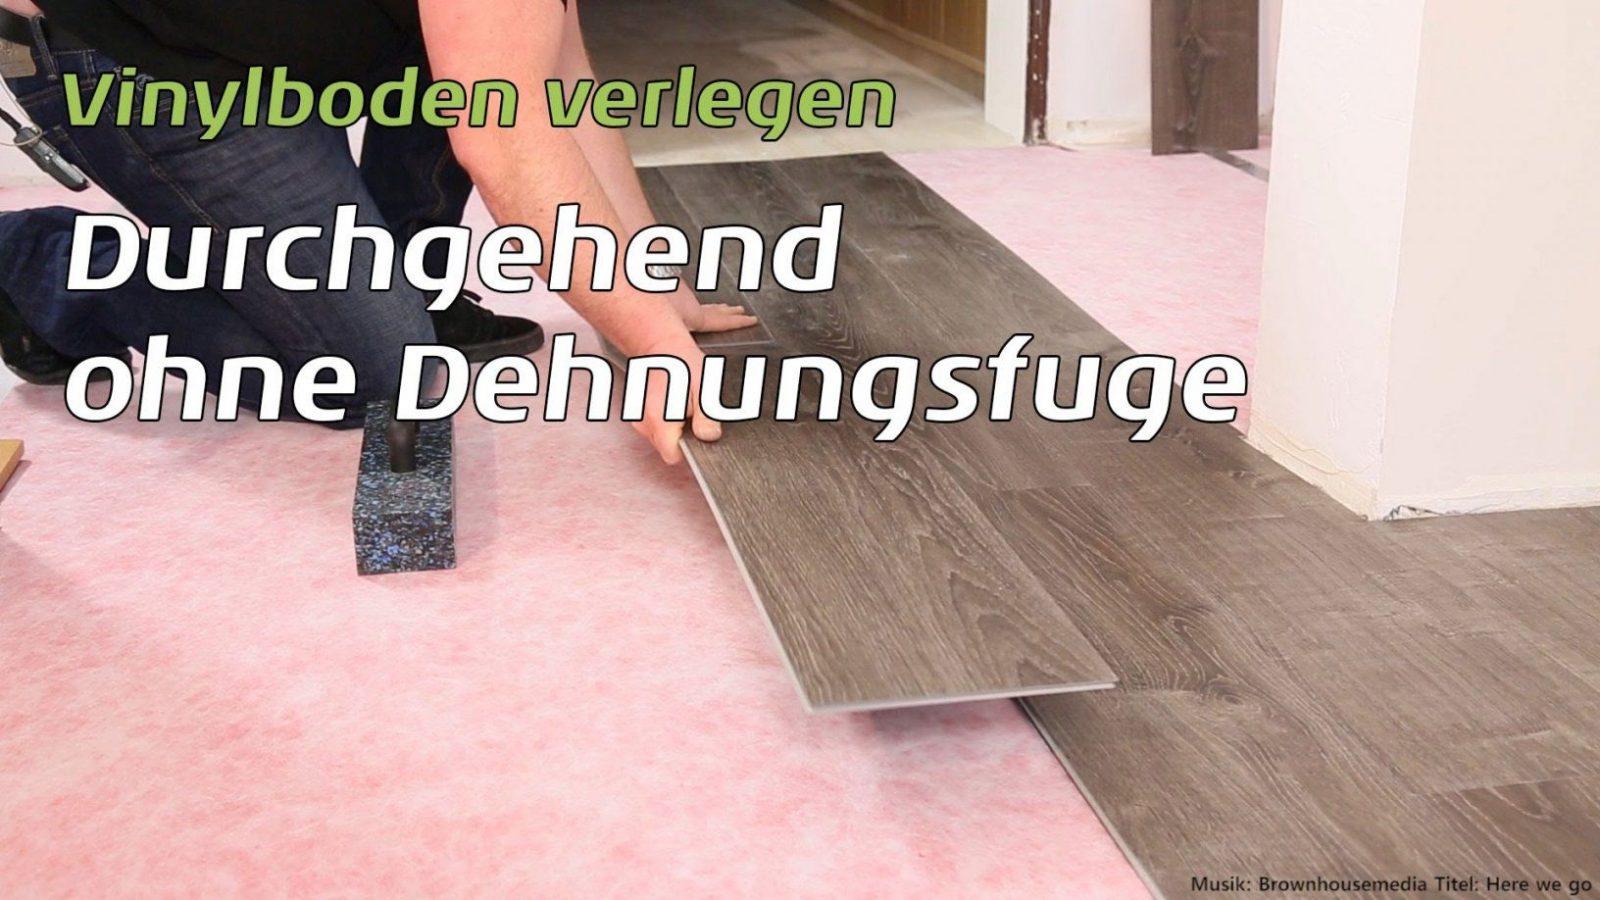 Vinylboden Durchgehend Ohne Dehnungsfuge Verlegen  Youtube von Vinylboden Auf Fliesen Mit Fussbodenheizung Verlegen Bild